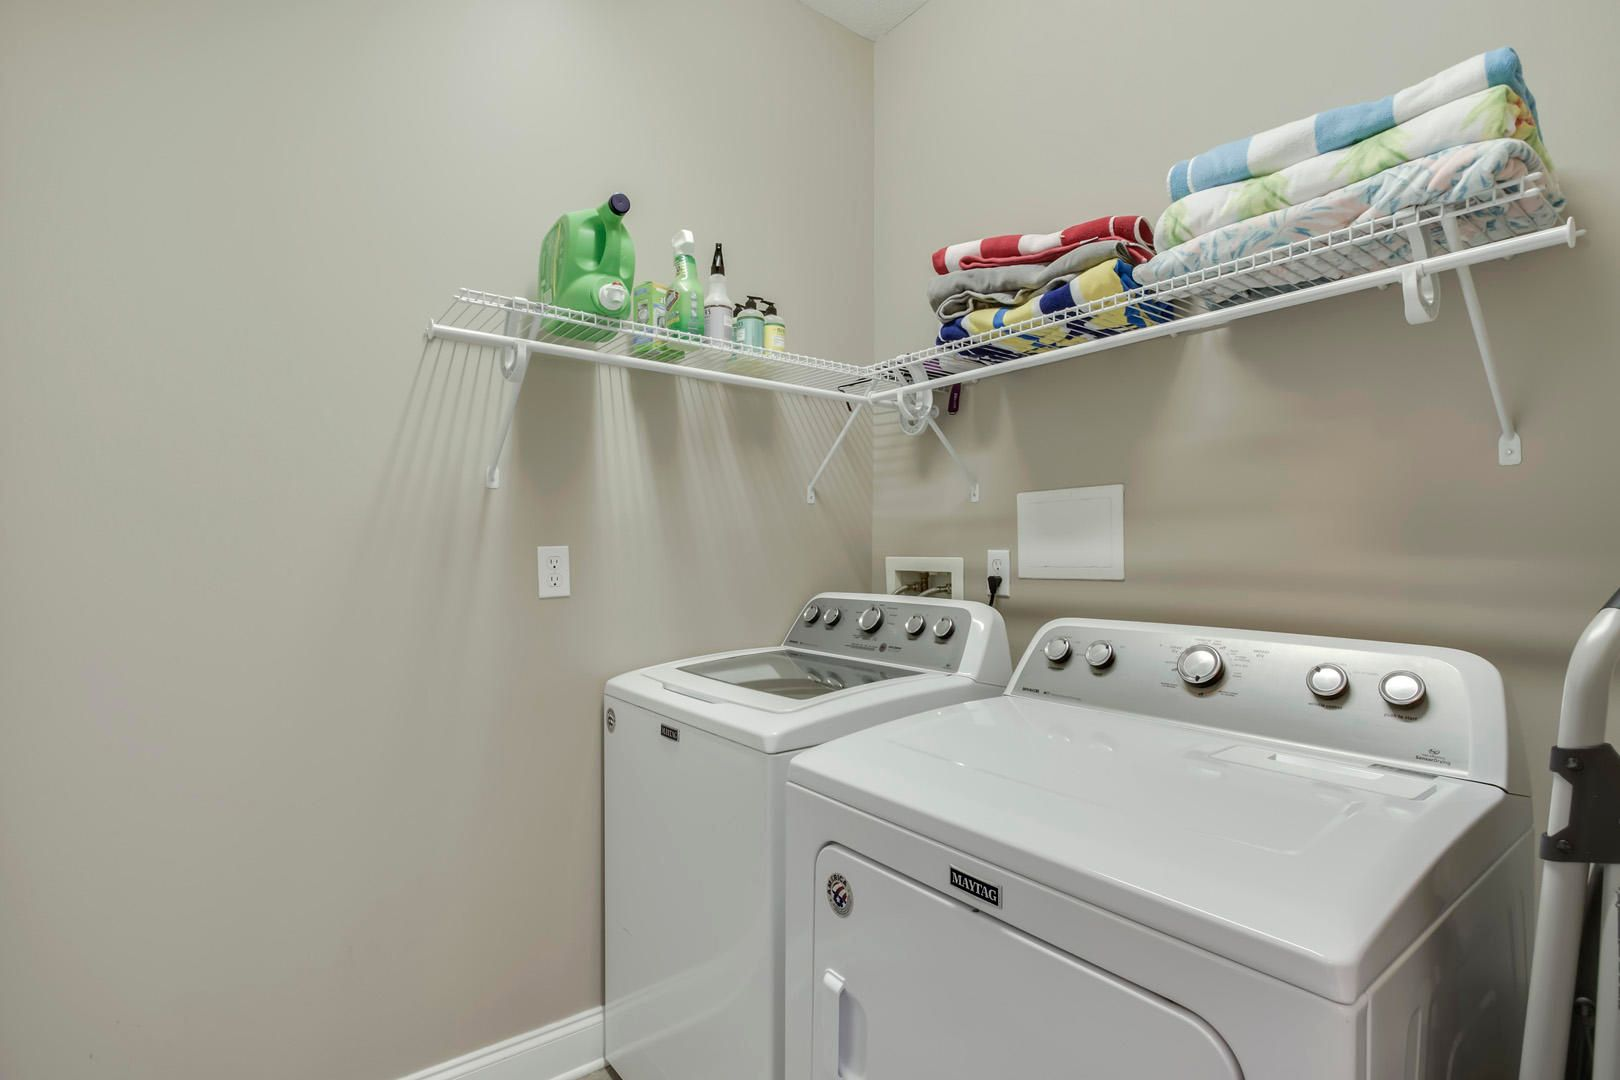 27_RarityBayParkway_535_107_Laundry